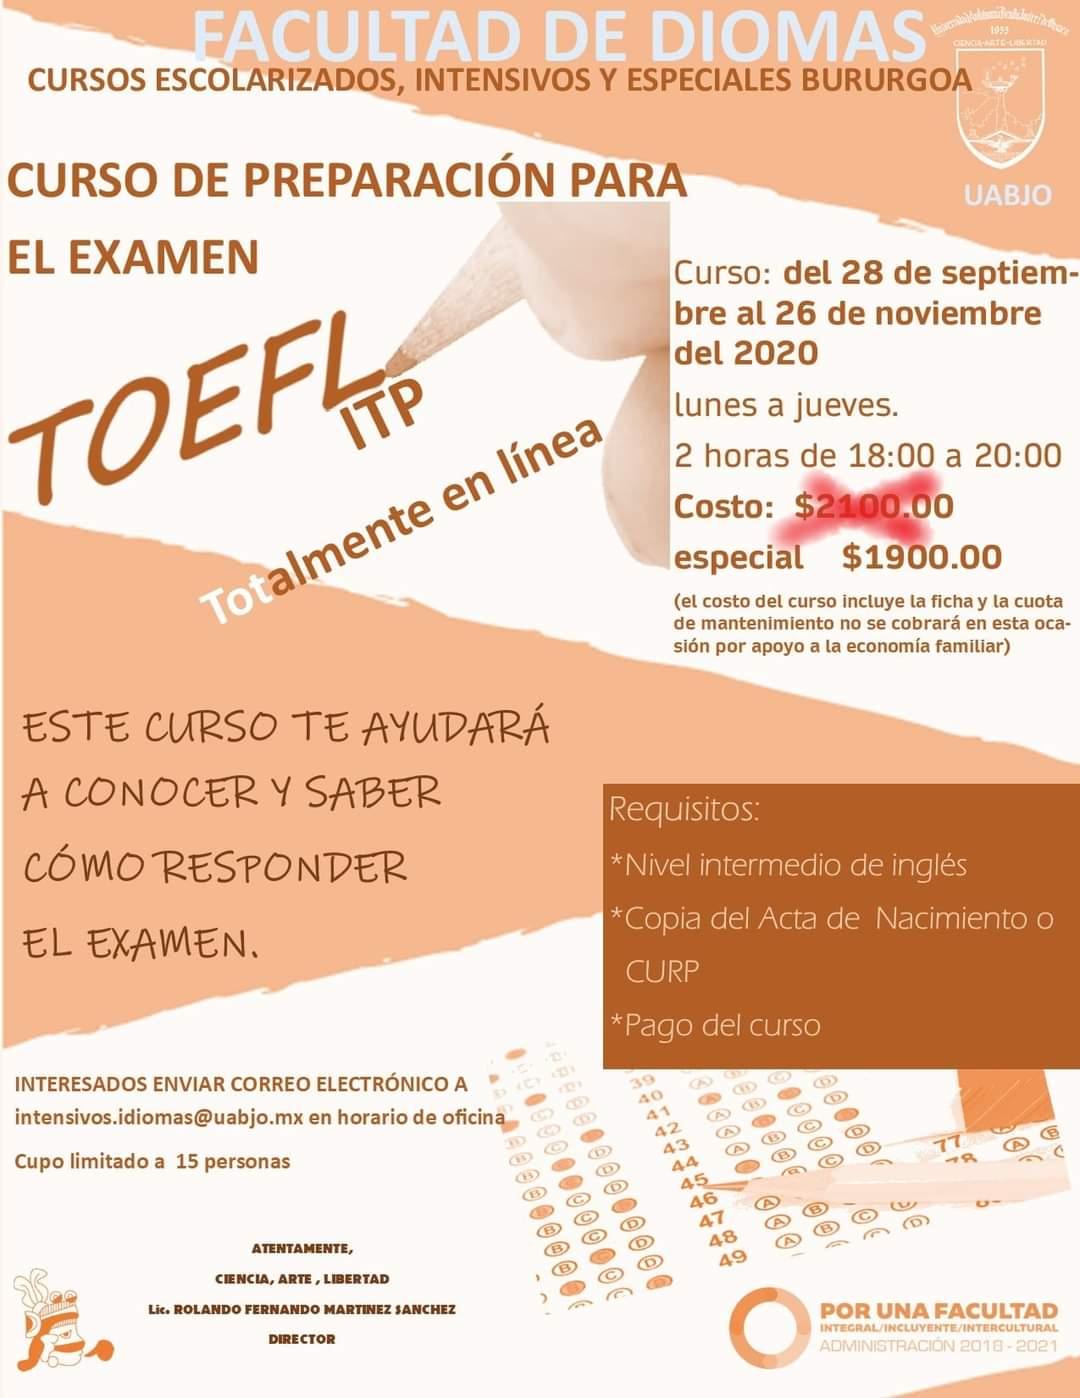 Curso de Preparación al examen TOEFL ITP Burgoa